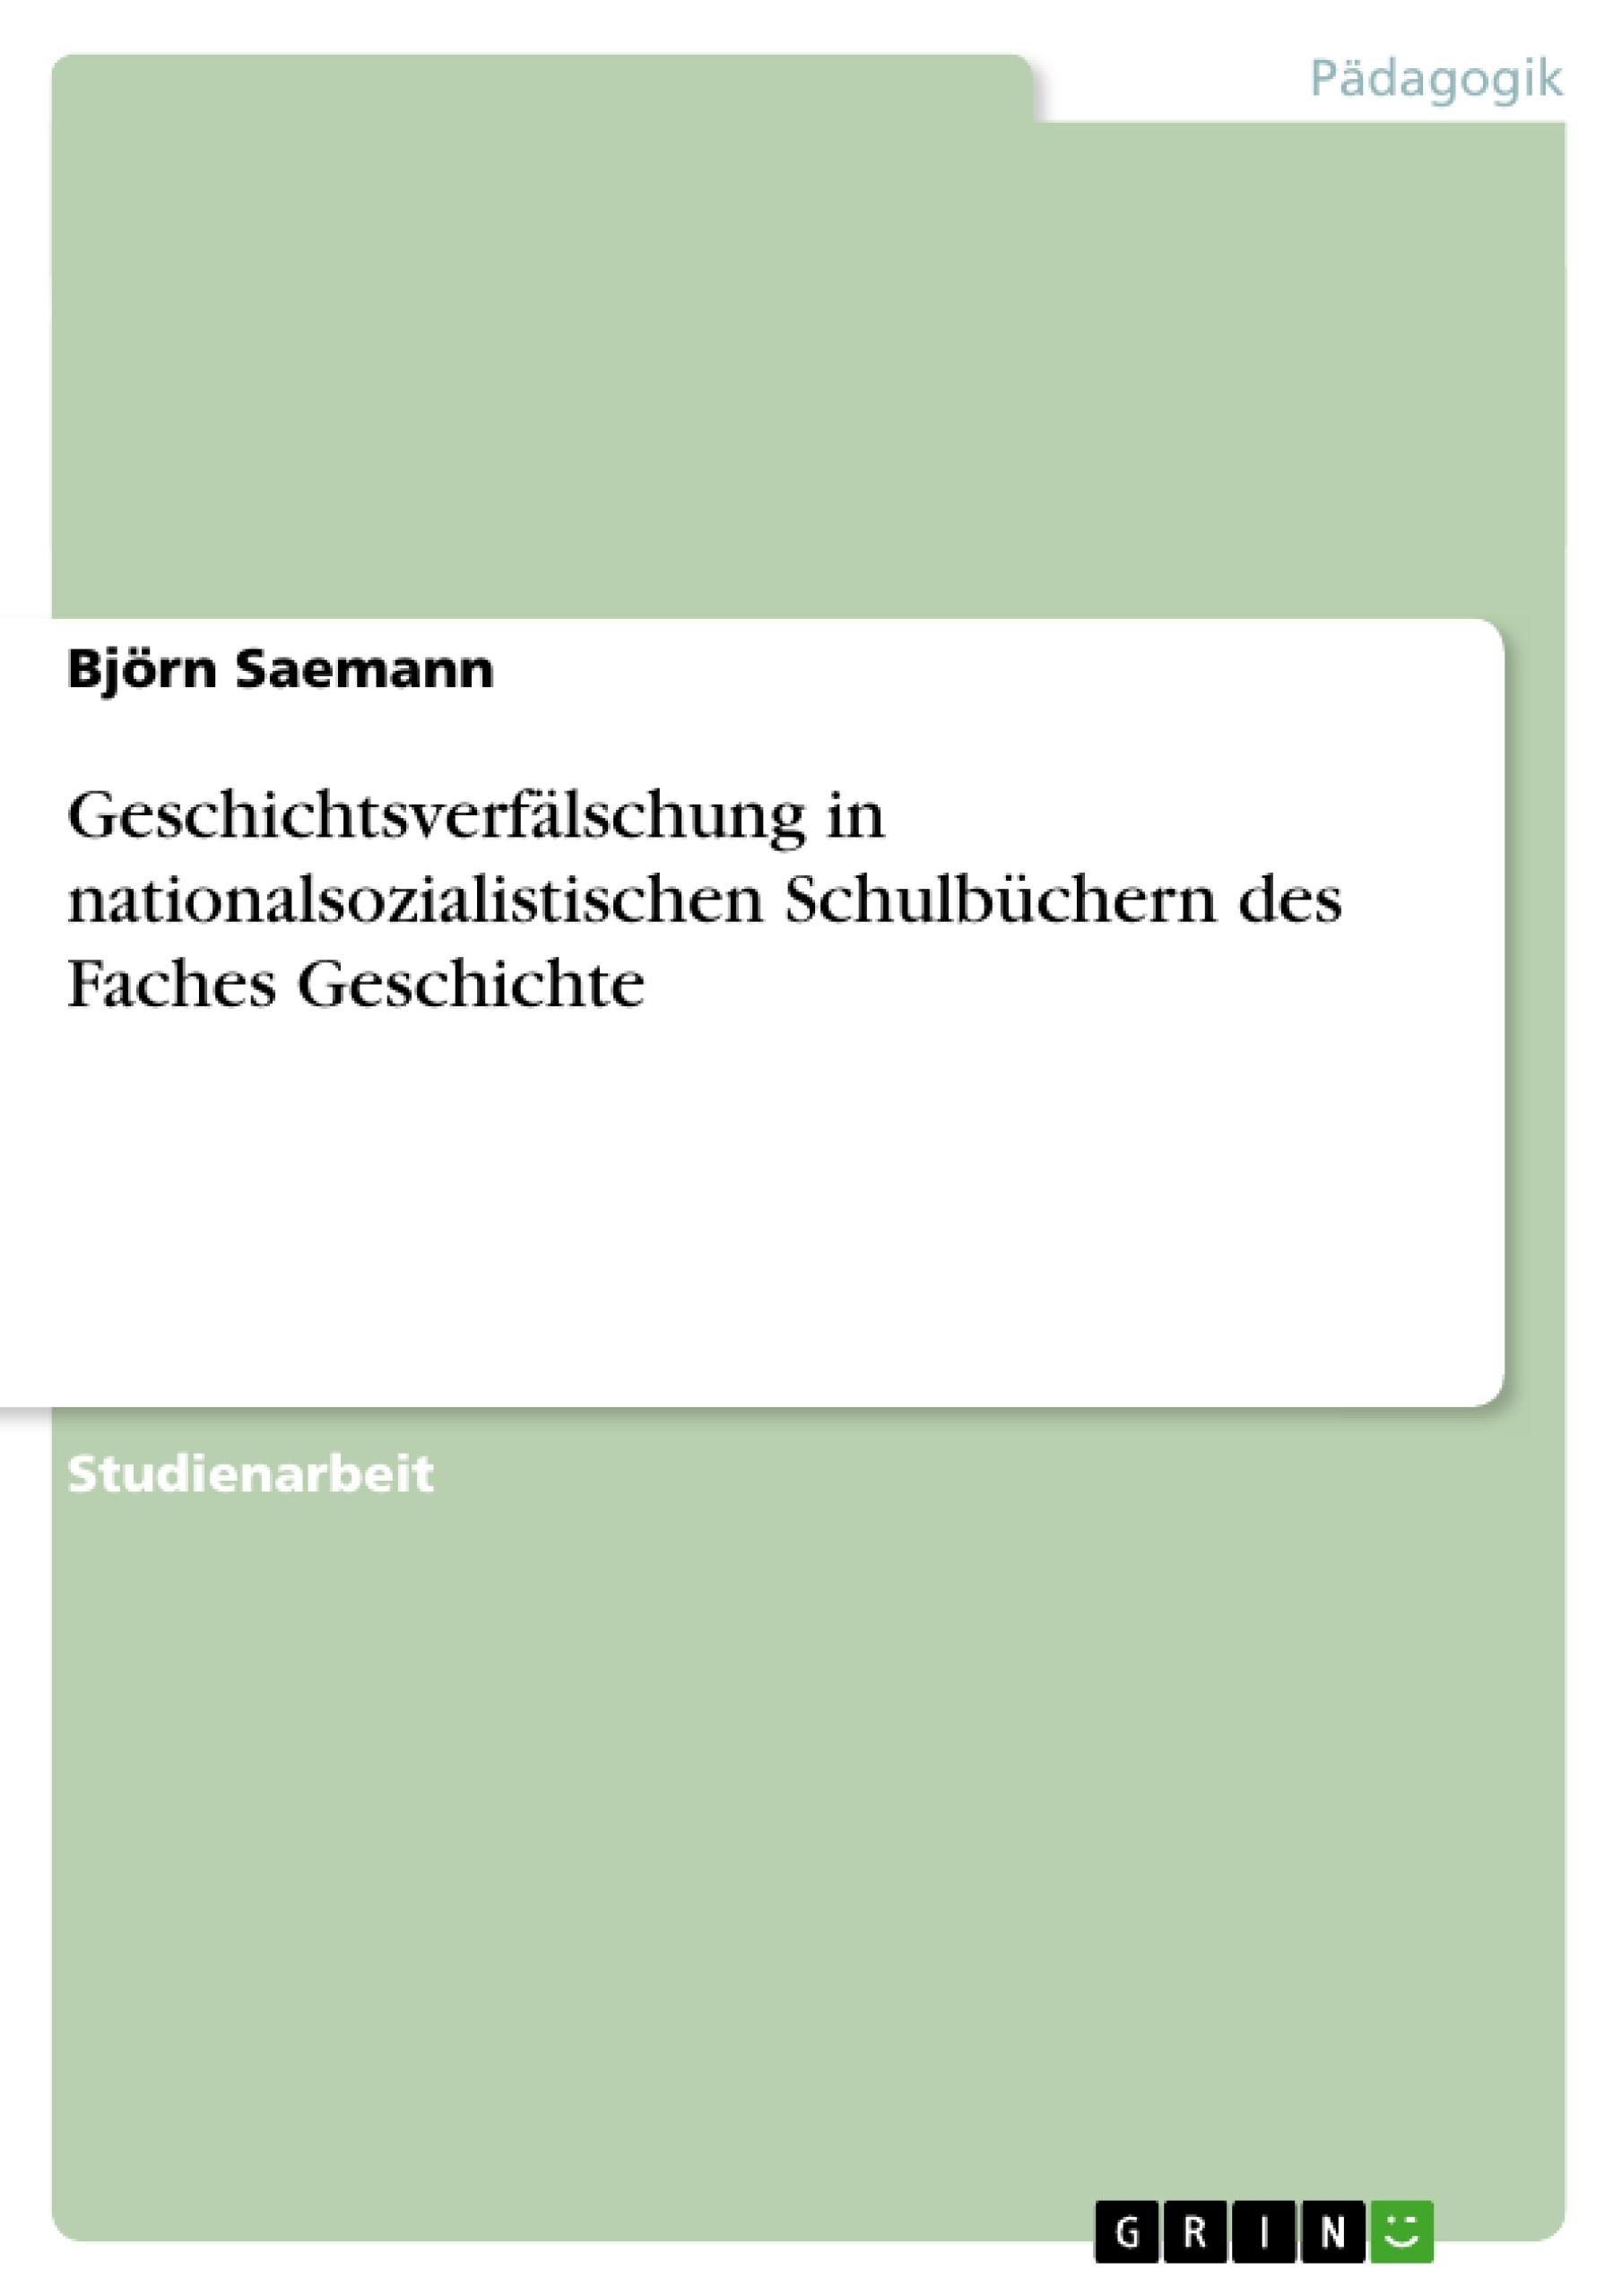 Titel: Geschichtsverfälschung in nationalsozialistischen Schulbüchern des Faches Geschichte